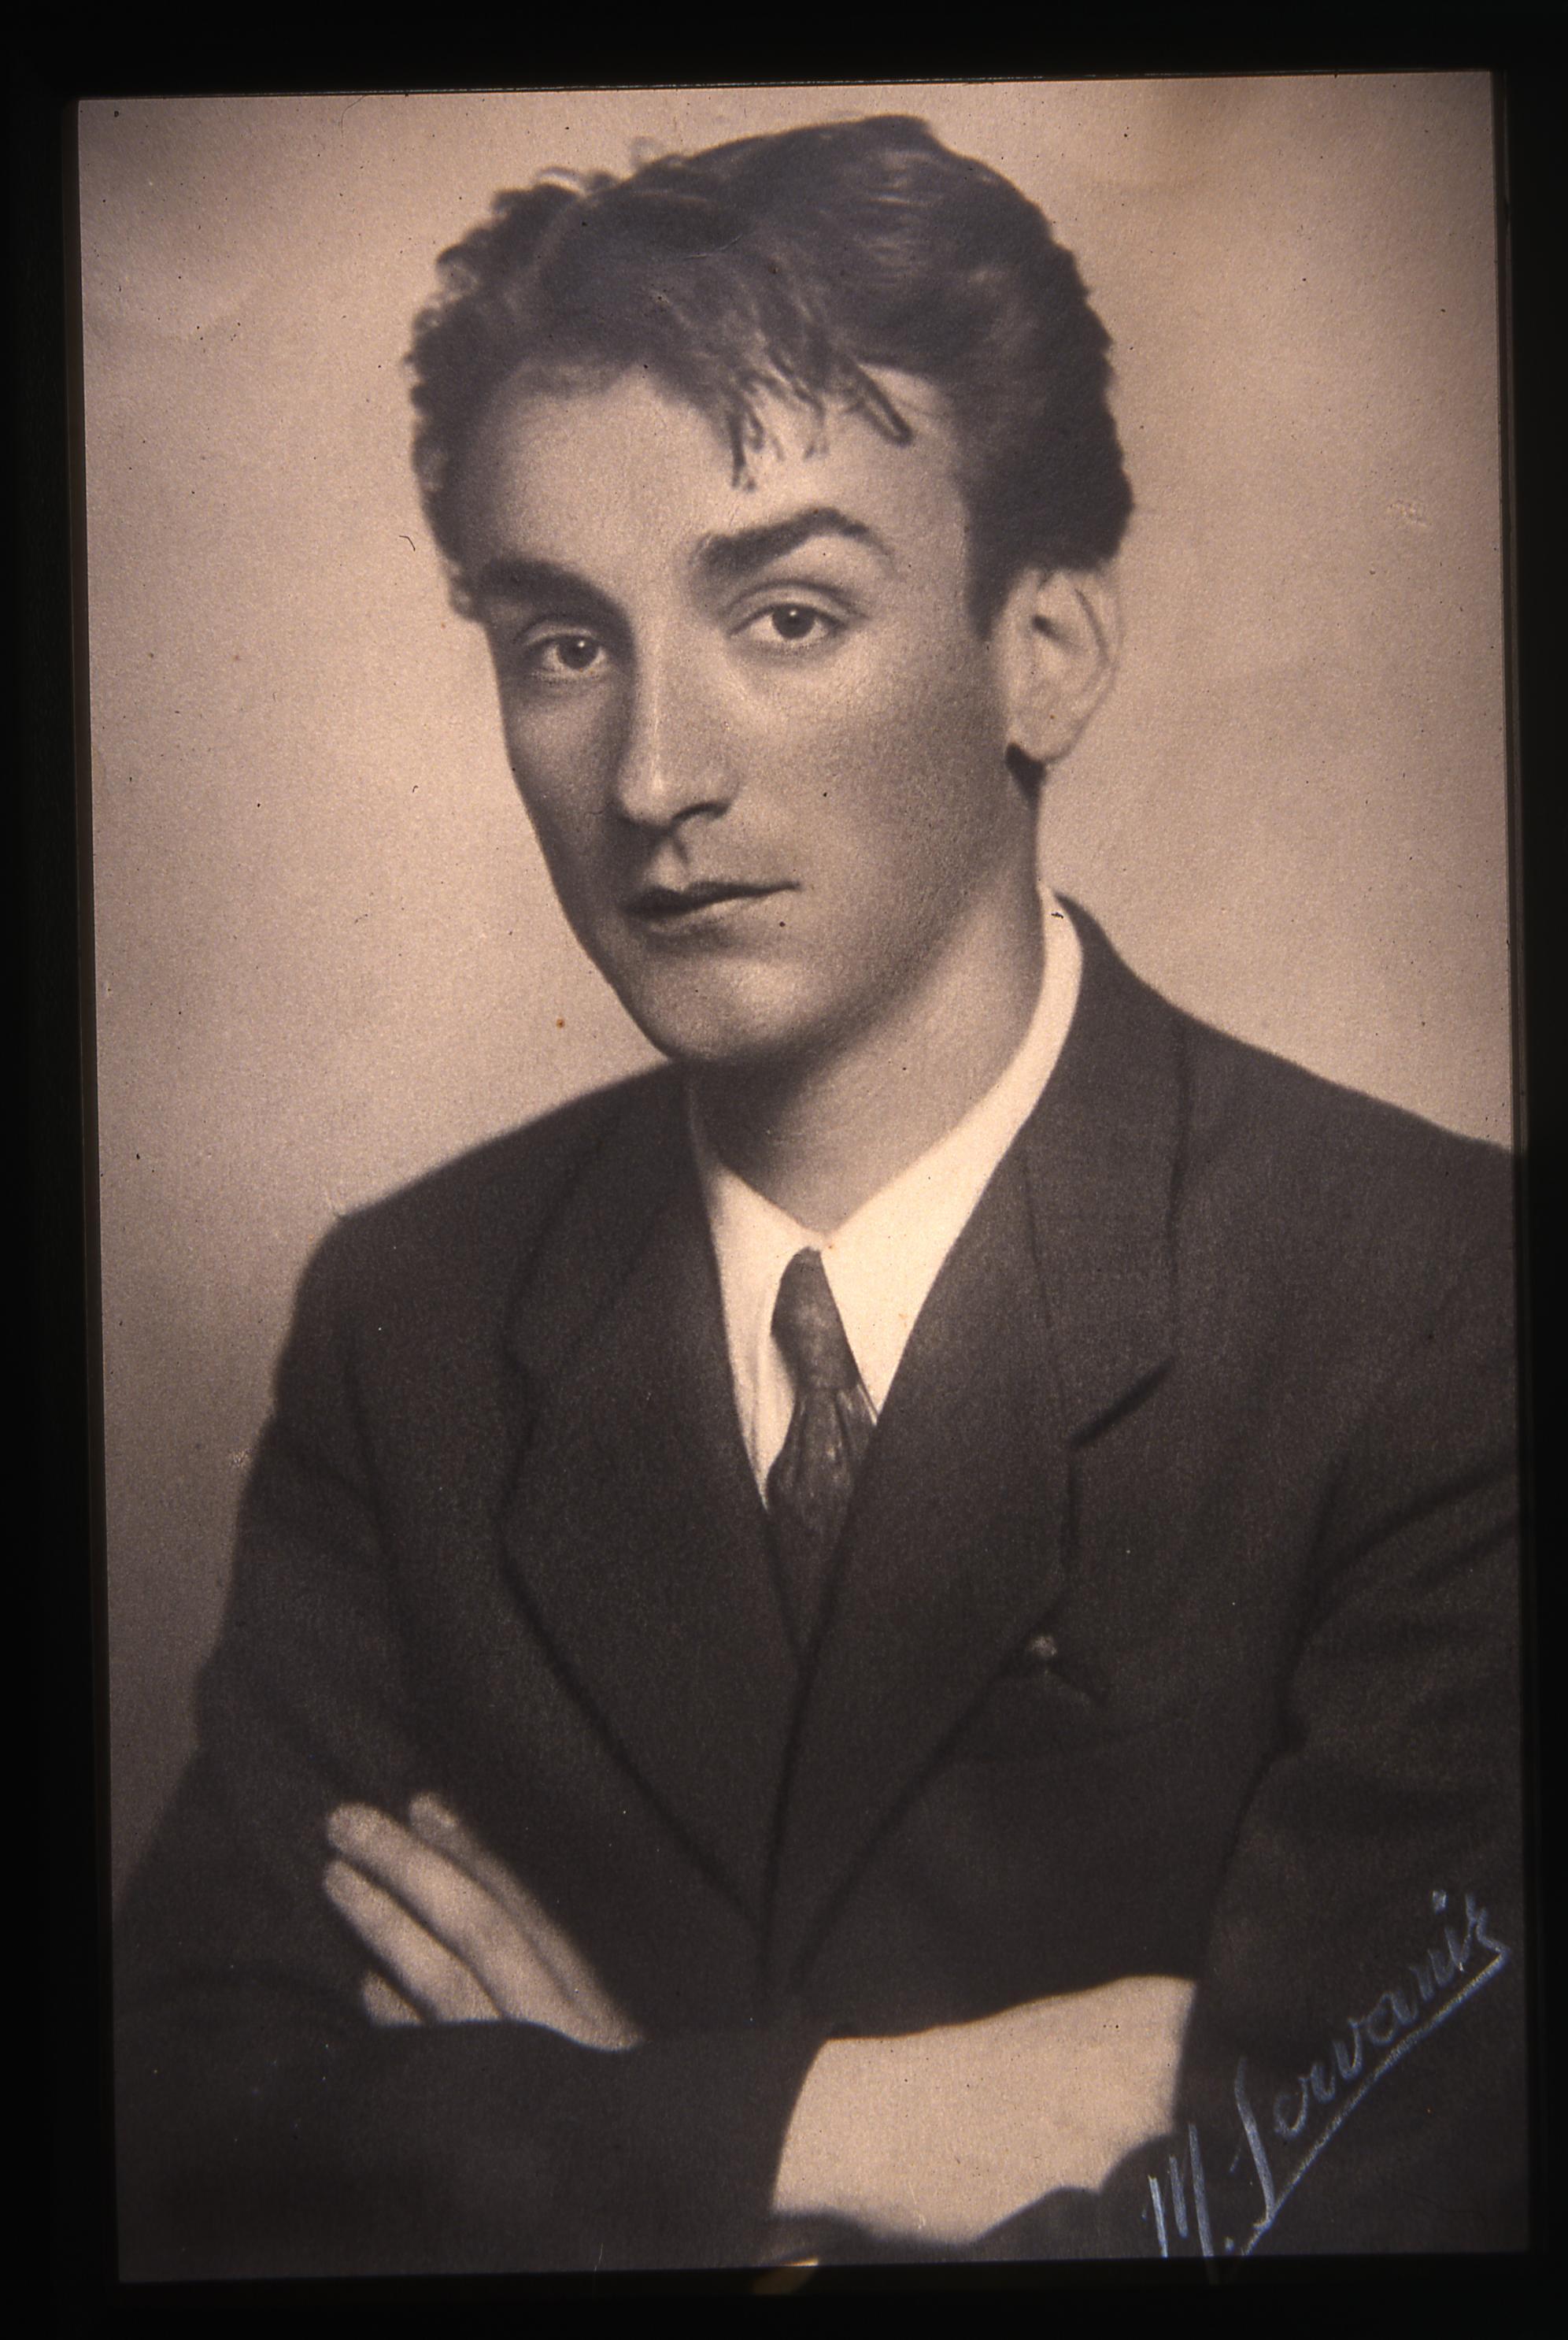 faik-baysal-sarduvani-yazdigi-yillarinda-1940lar.jpg